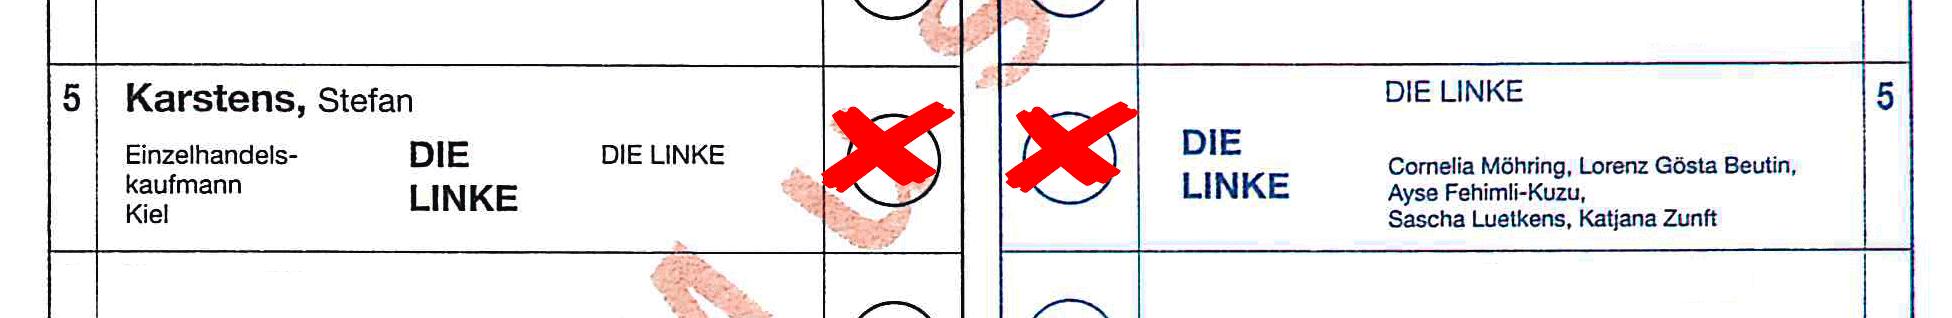 Ausschnitt aus Musterstimmzettel für den Bundestagswahlkreis Rendsburg-Eckernförde zur Bundestagswahl 2017.